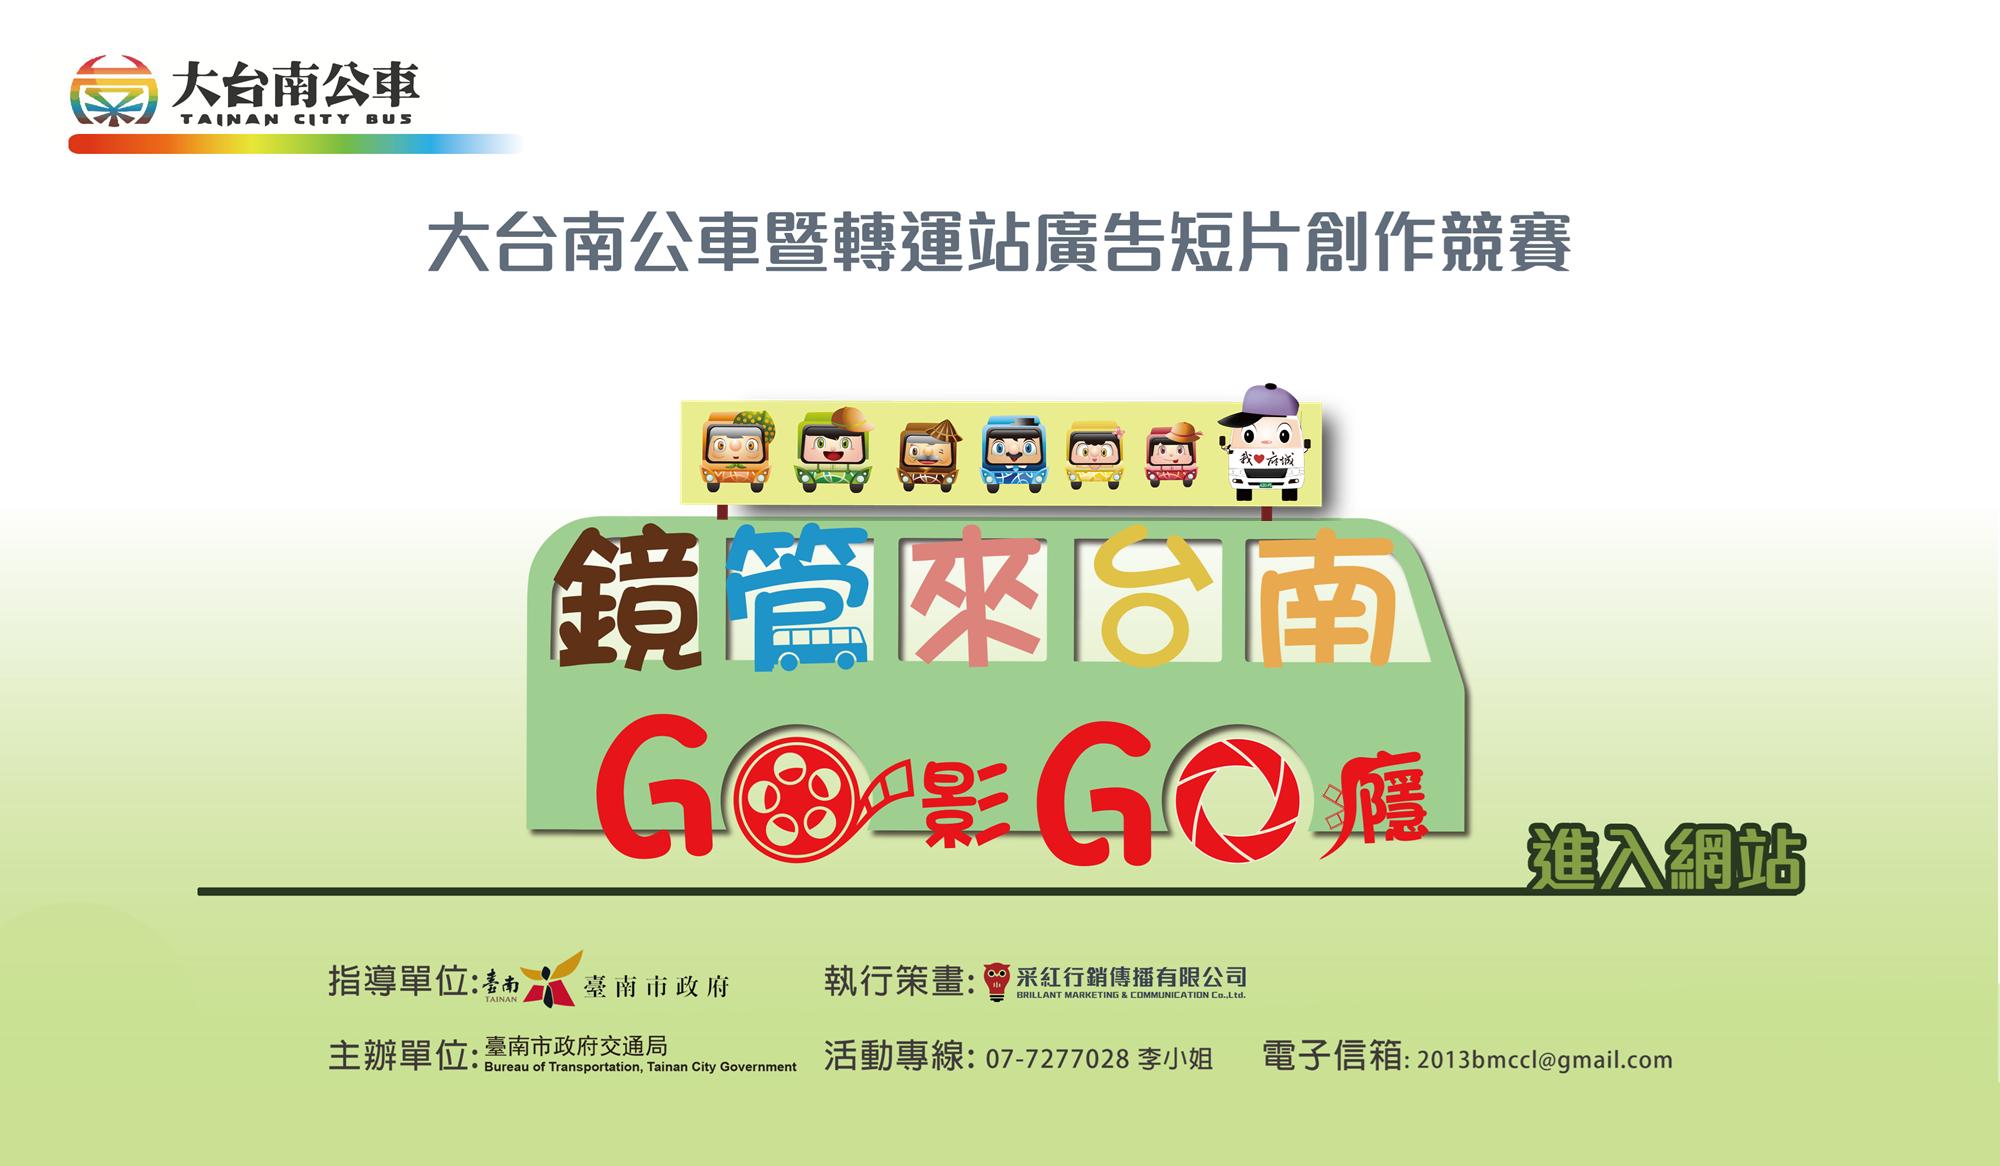 大台南公車暨轉運站廣告短片創作競賽